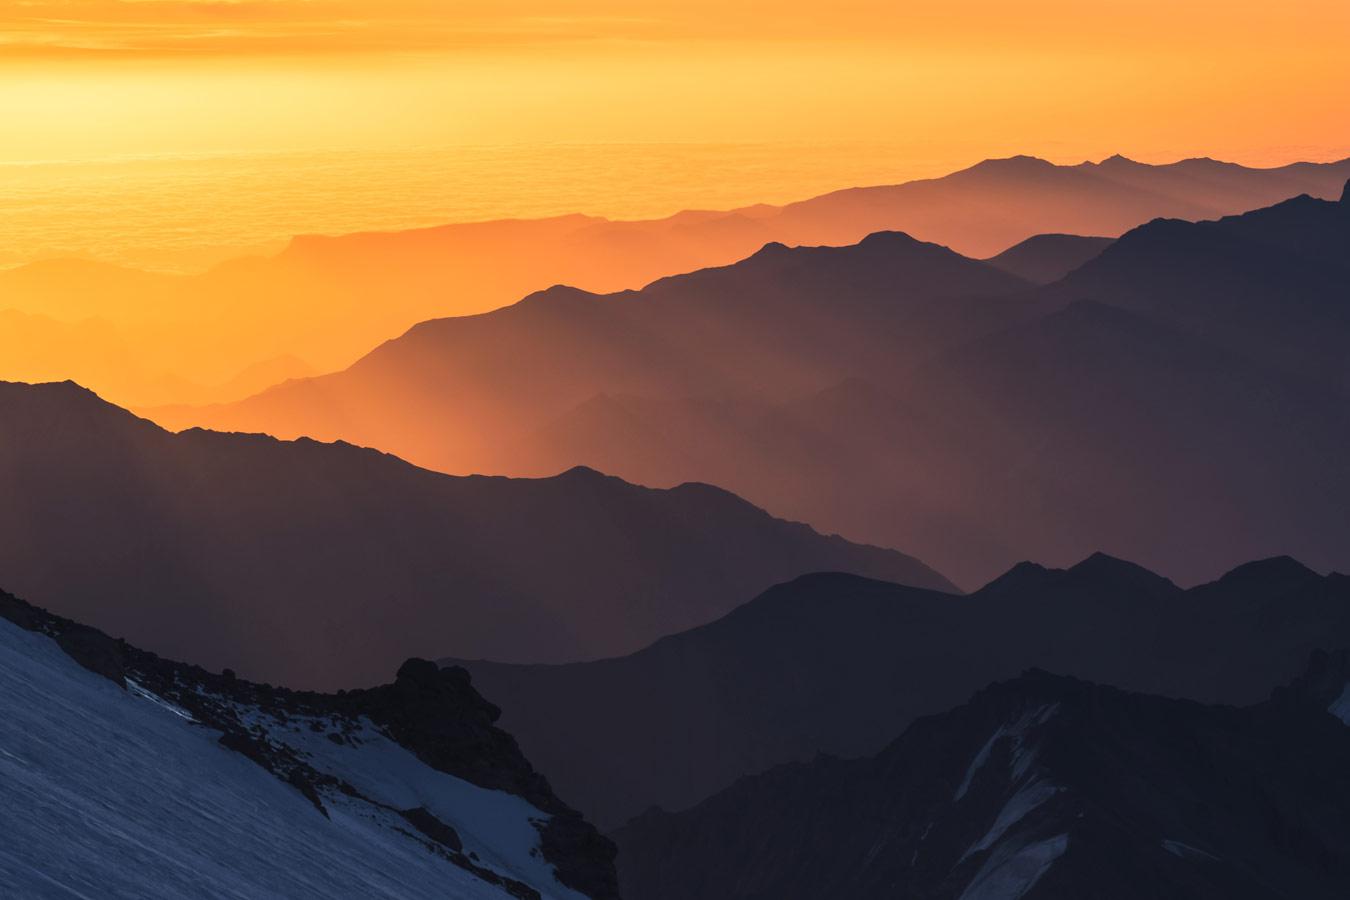 Рассвет на Эльбрусе, © Igor Kopytov, Фотоконкурс «О высоком» от National Geographic Россия